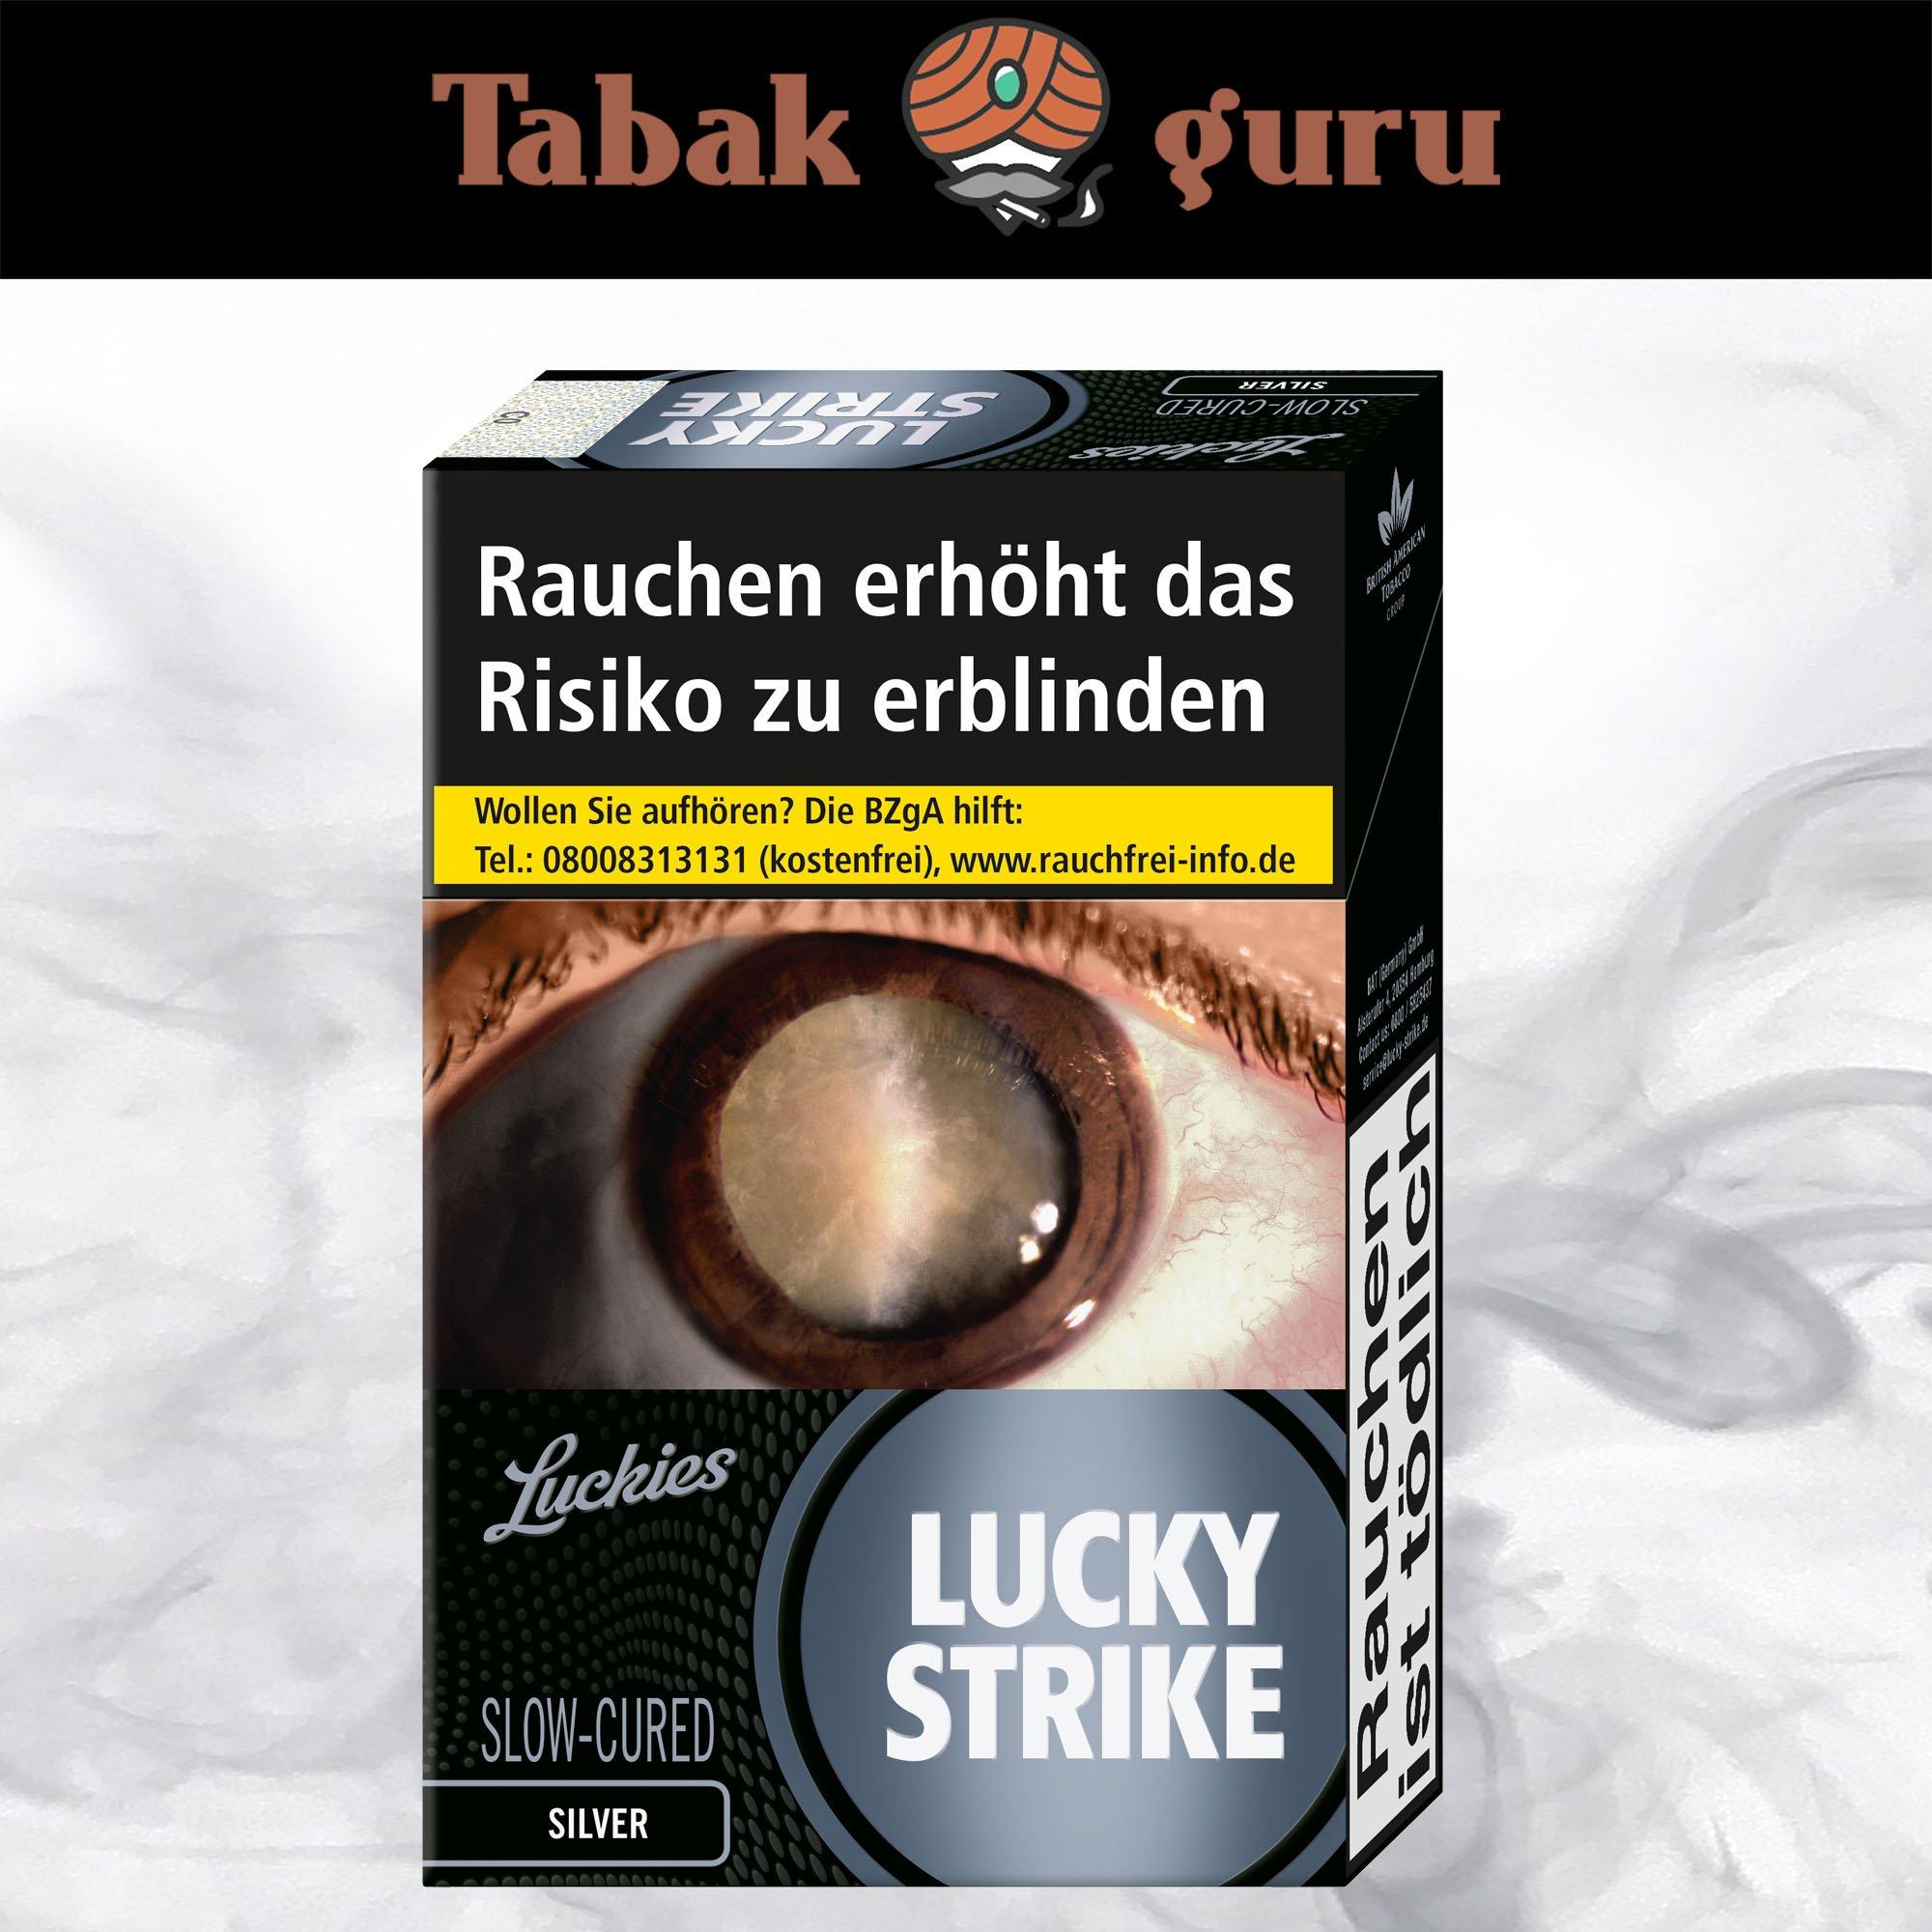 Lucky Strike Silver Zigaretten (1x20 Stück)